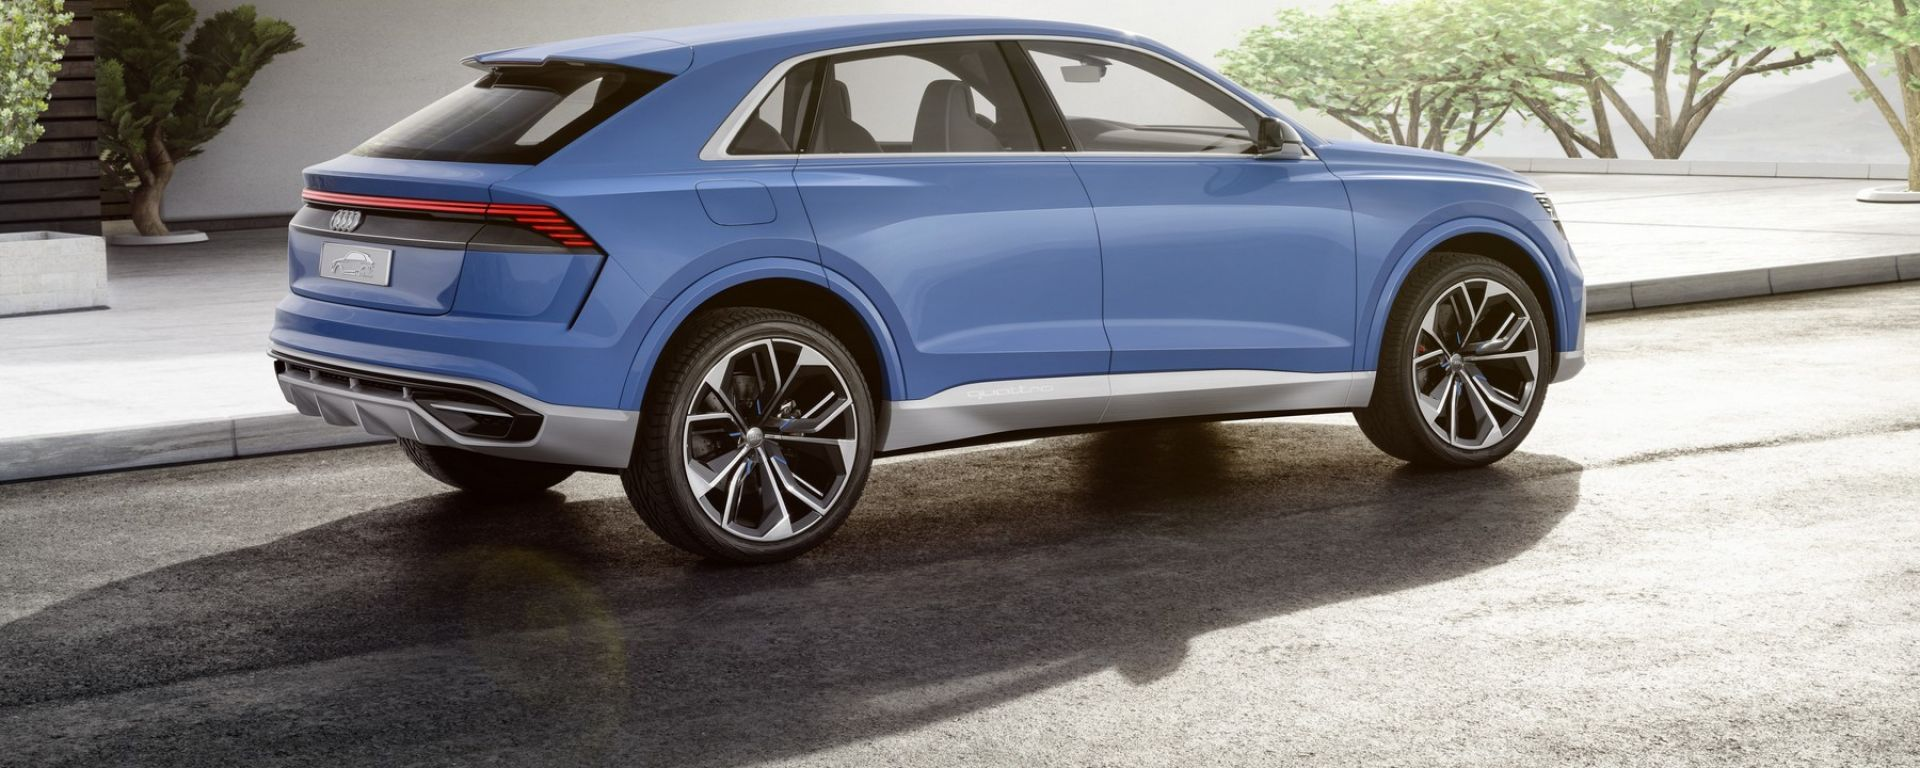 Audi Q8 concept: presentata al NAIAS 2017 anticipa un SUV che uscirà nel 2018